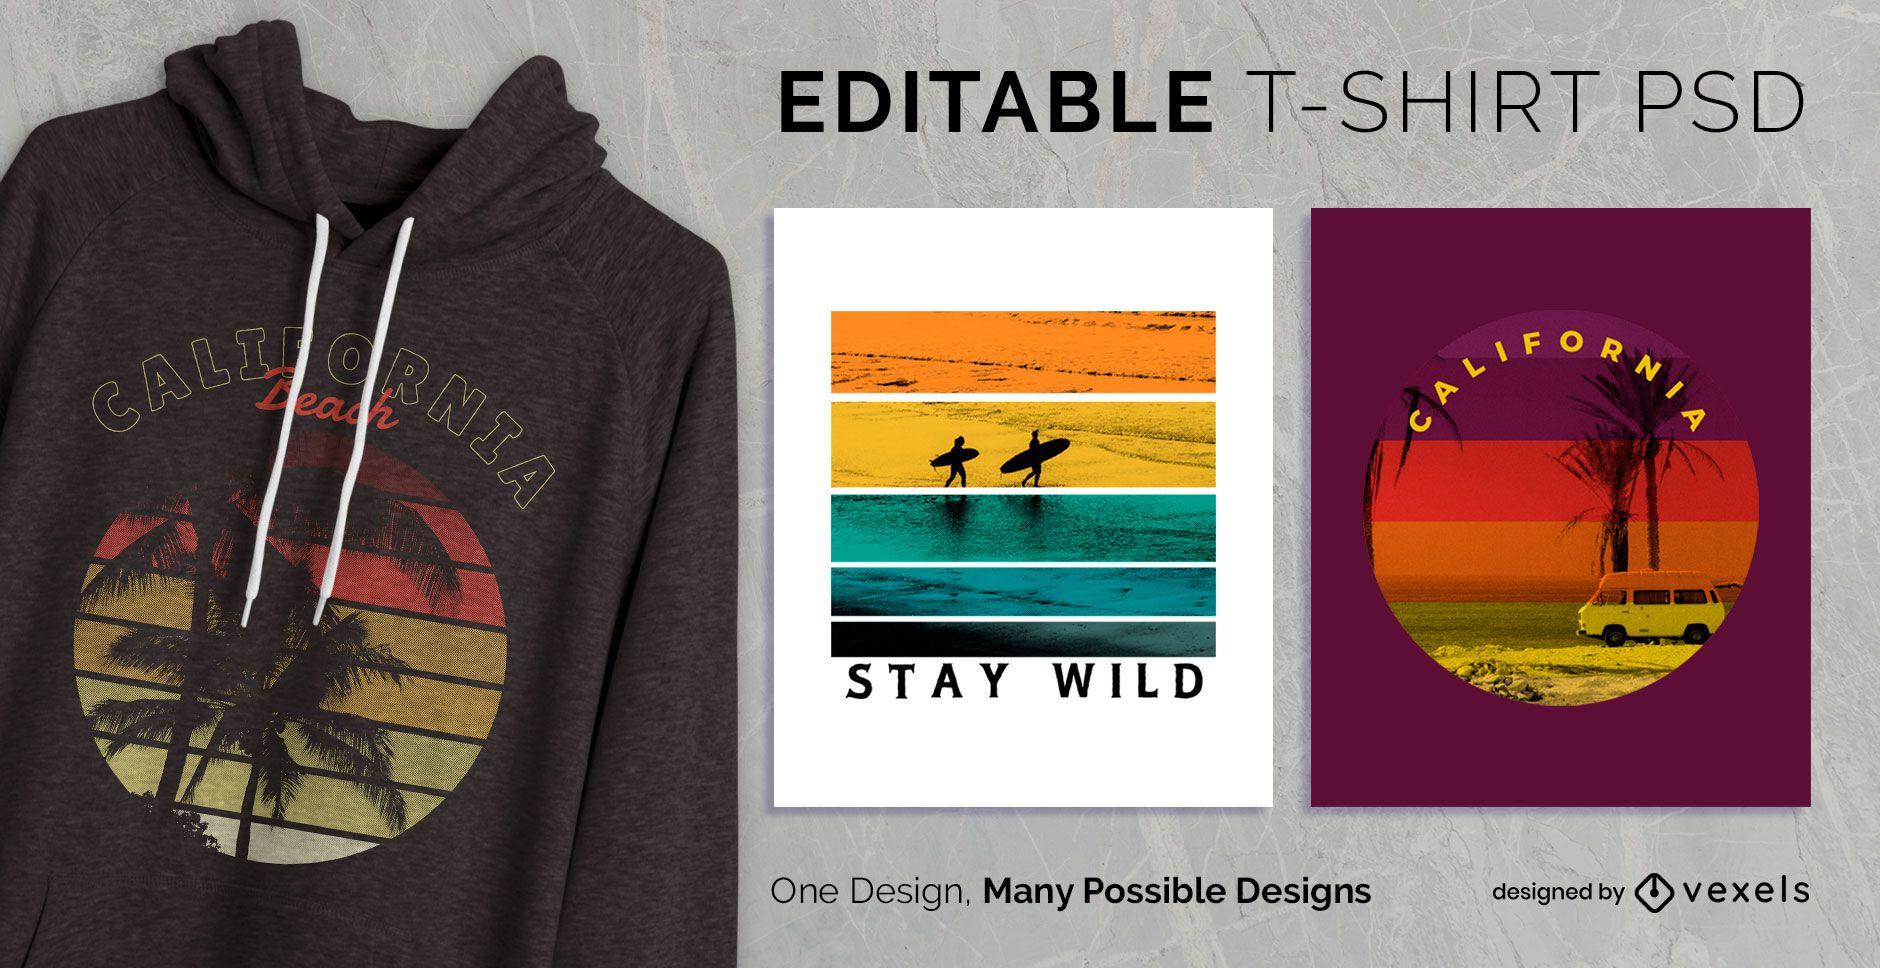 Diseño de camiseta vintage sunset psd